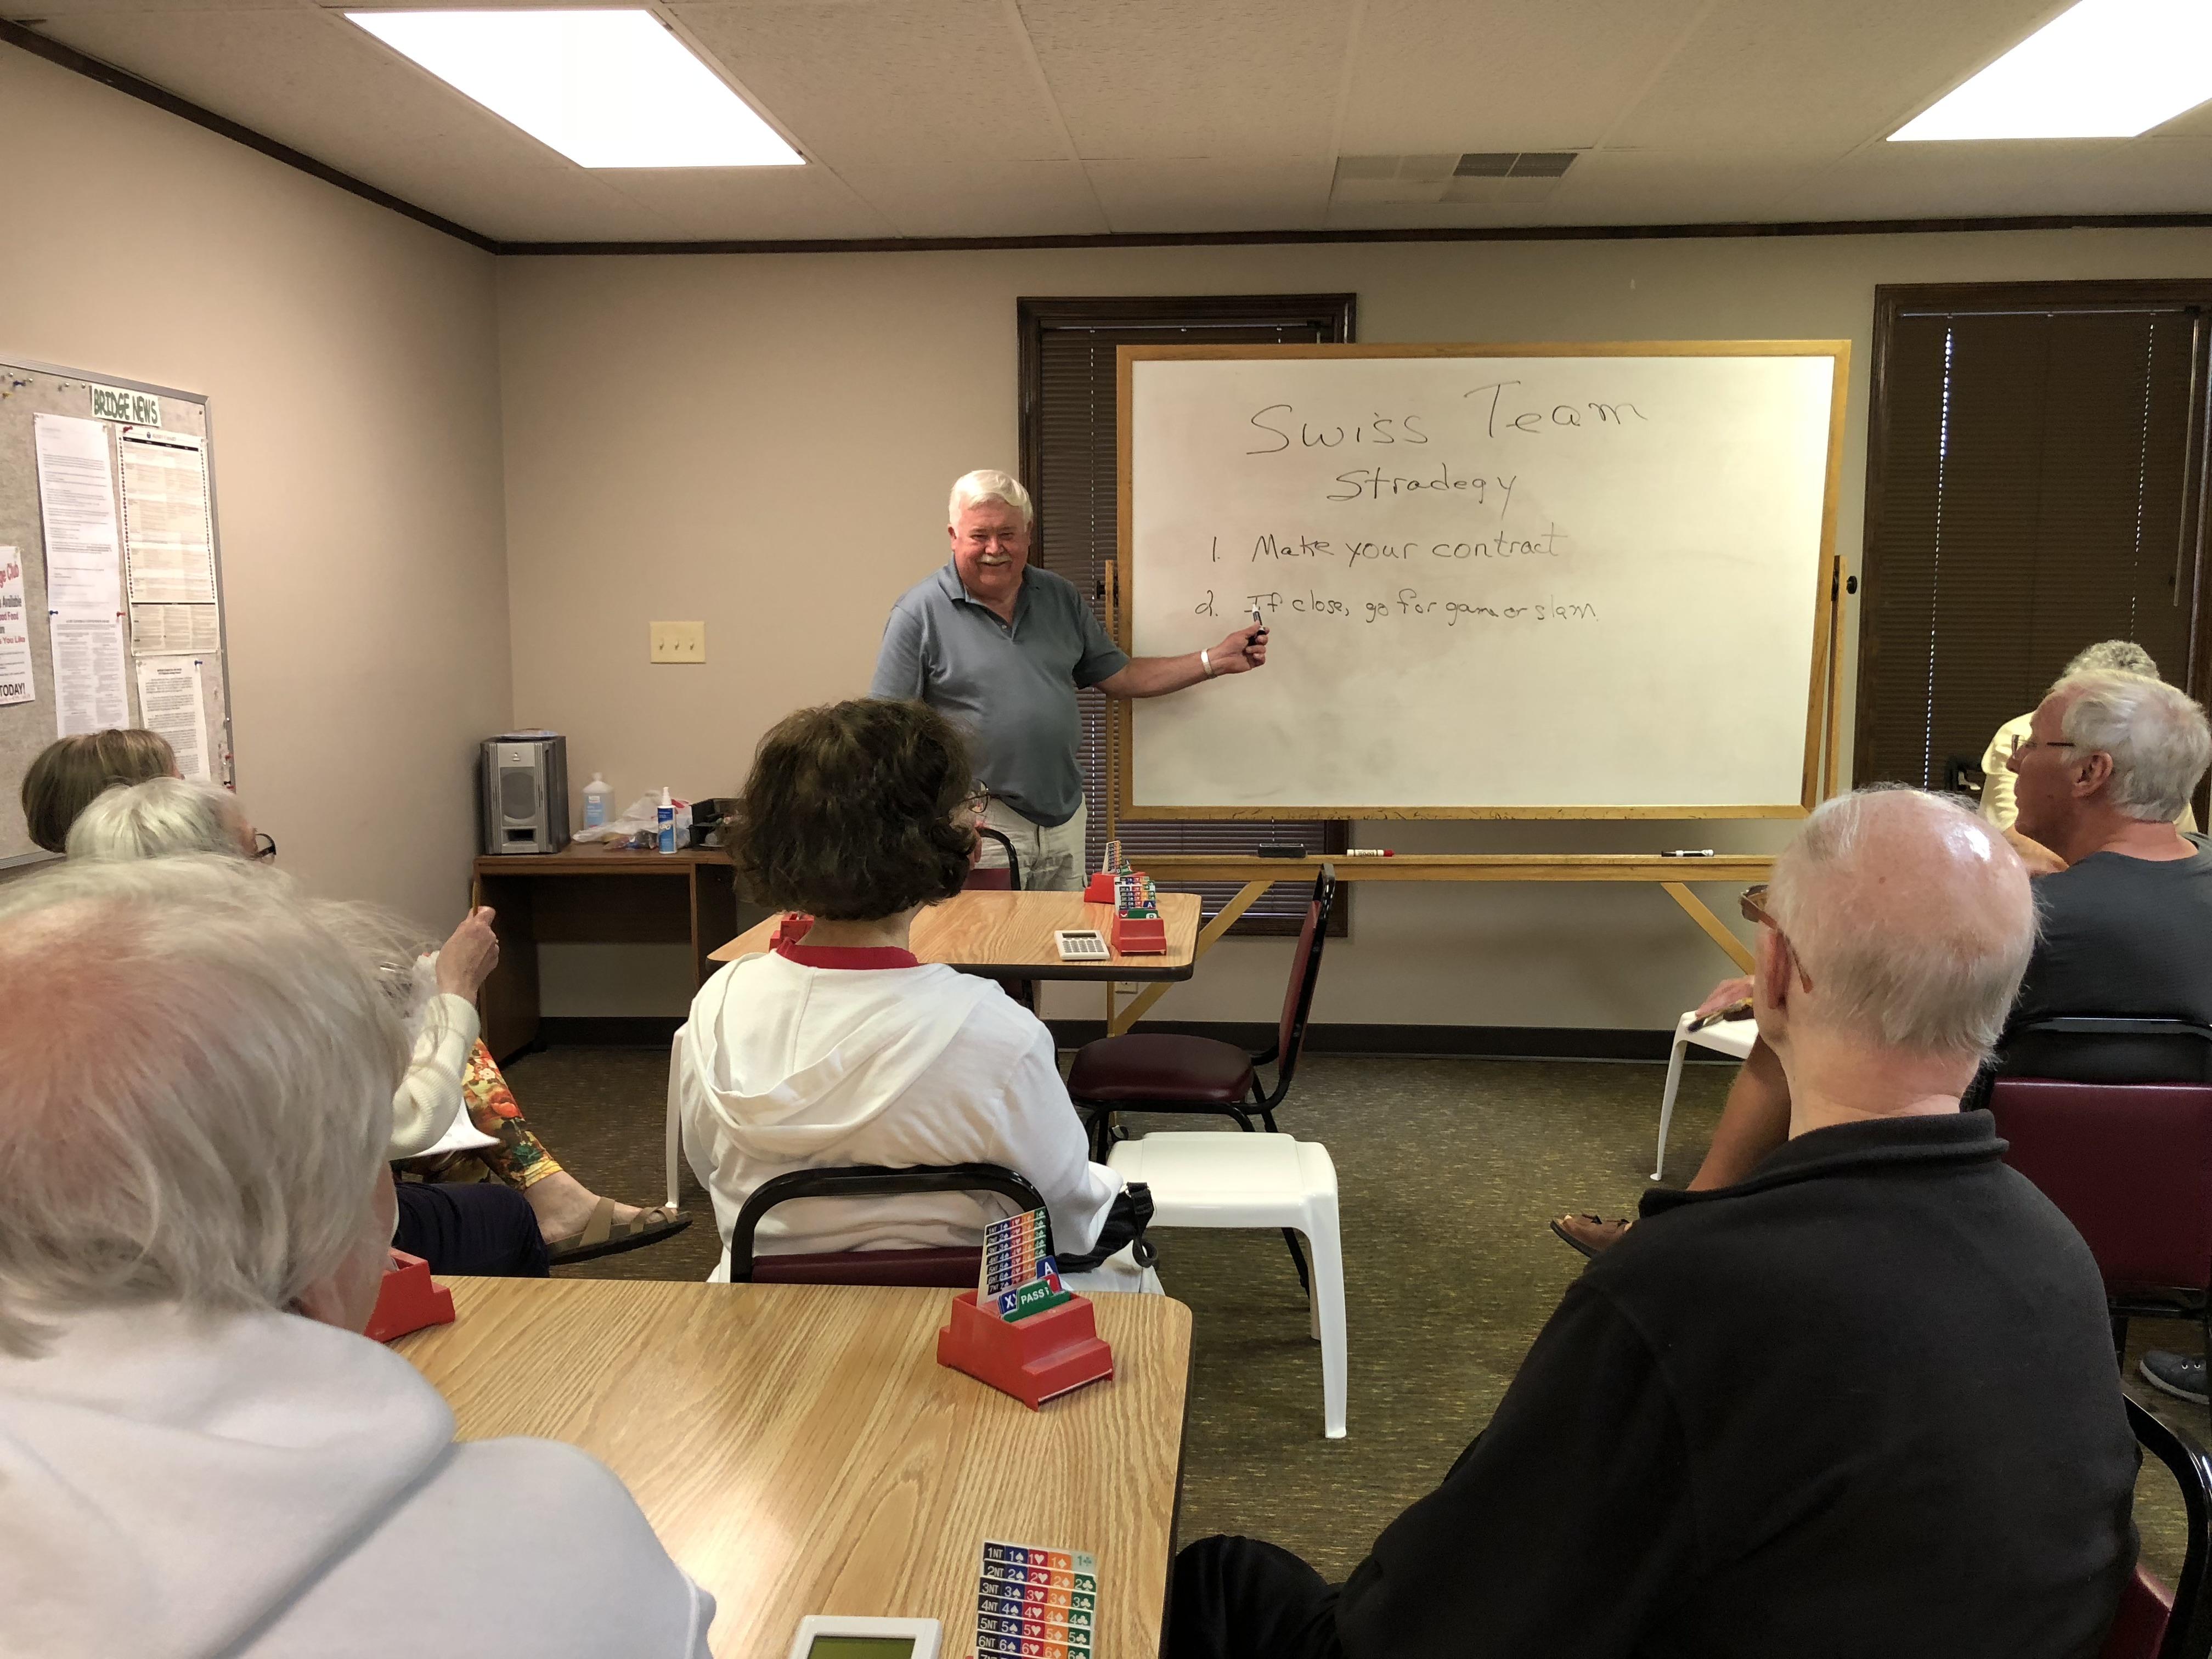 Lee teaching